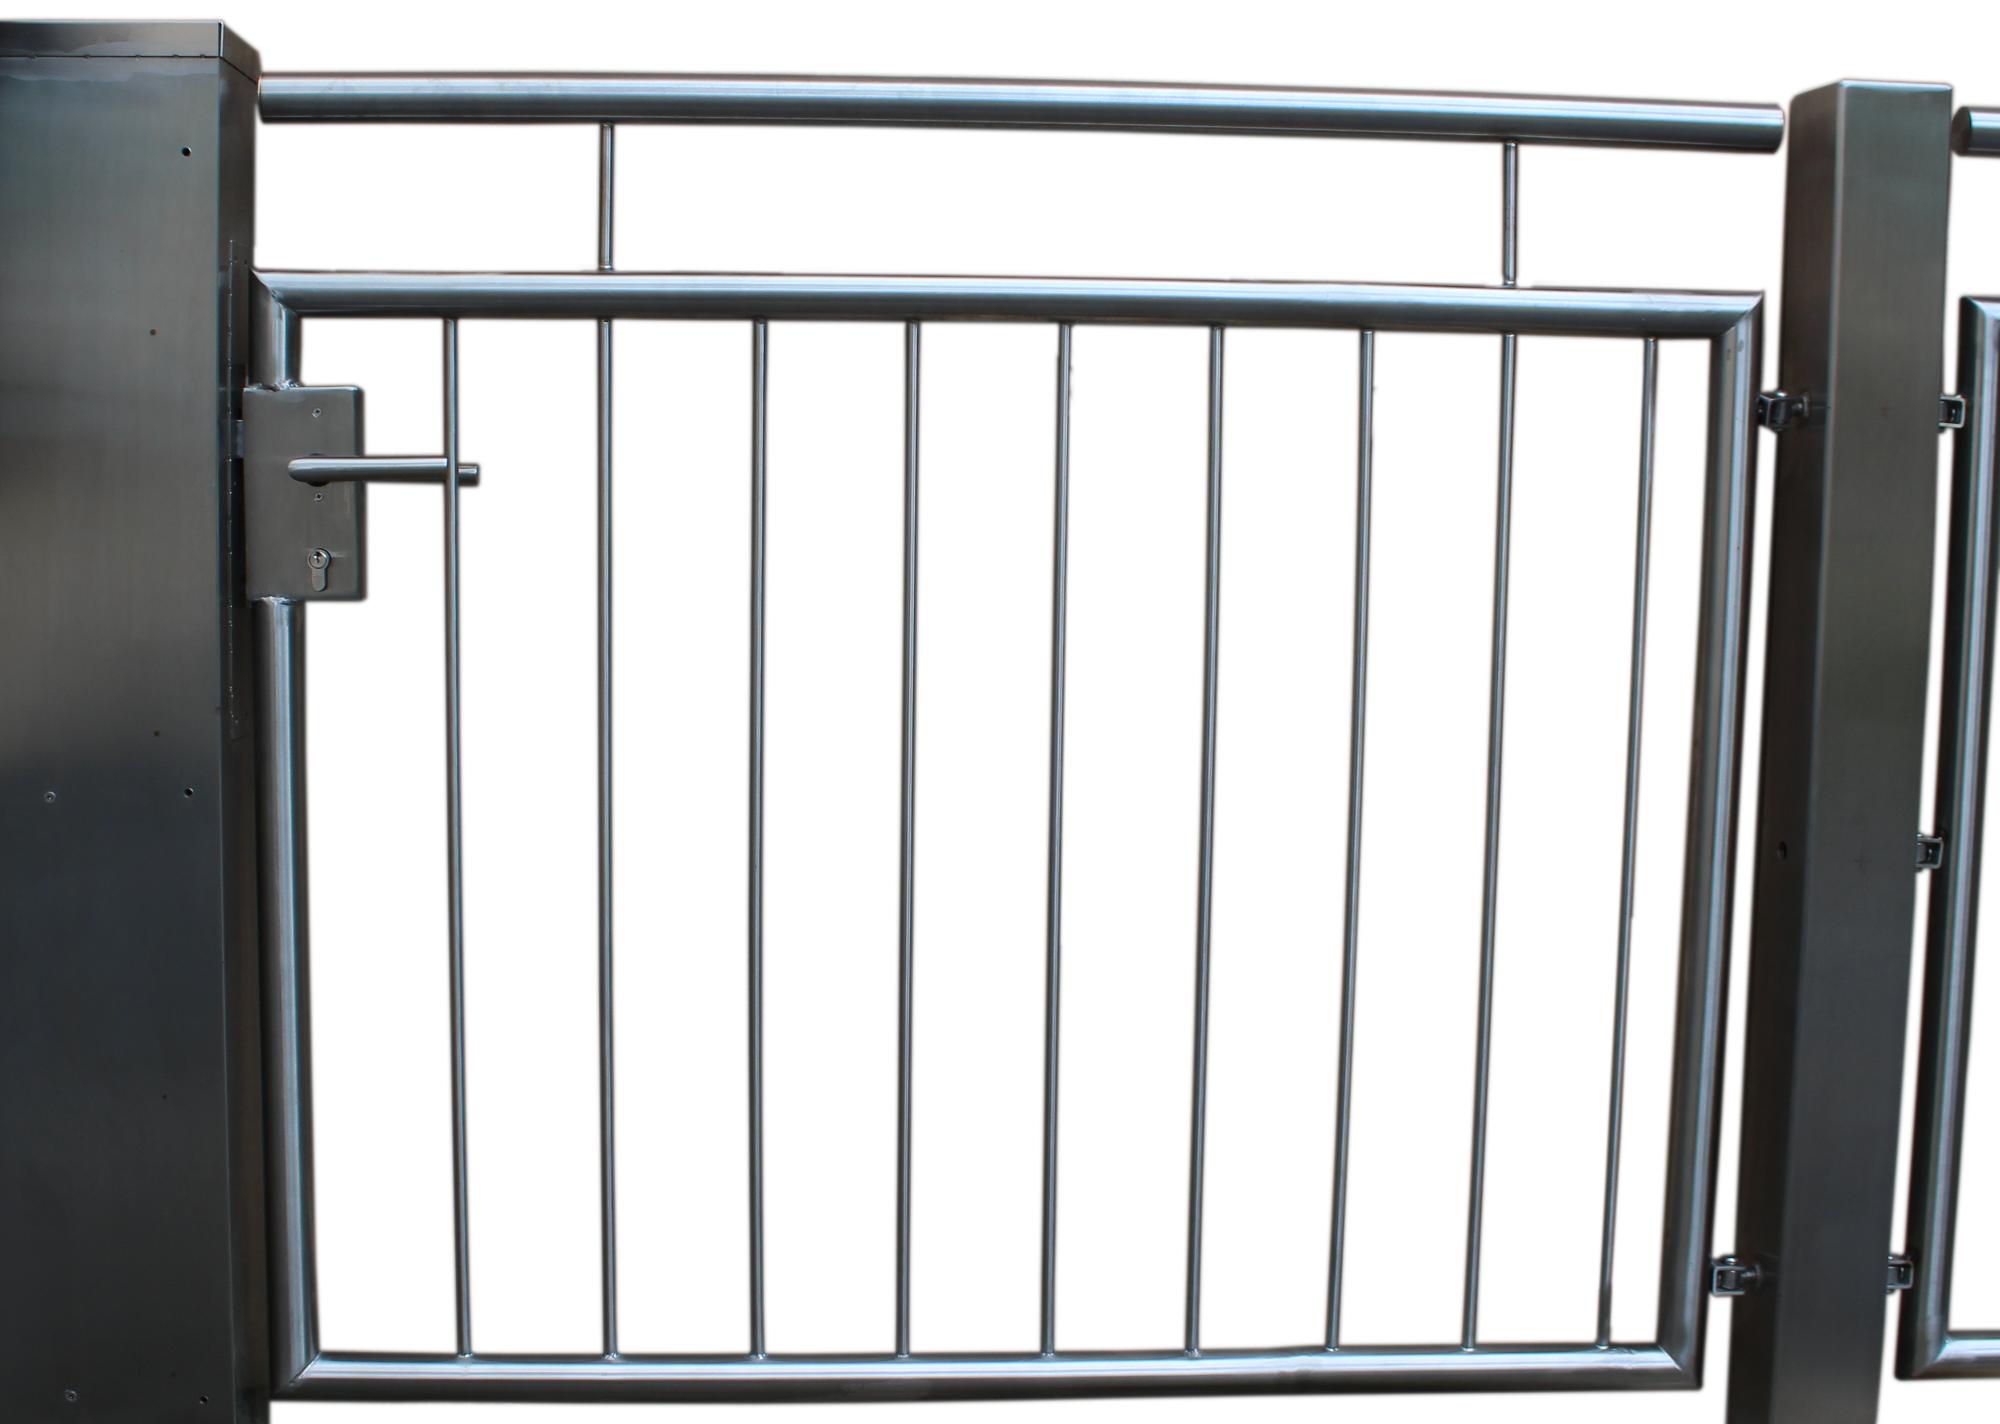 handl ufe gel nder aus edelstahl made in germanygartent r aus edelstahl einfl glig made. Black Bedroom Furniture Sets. Home Design Ideas